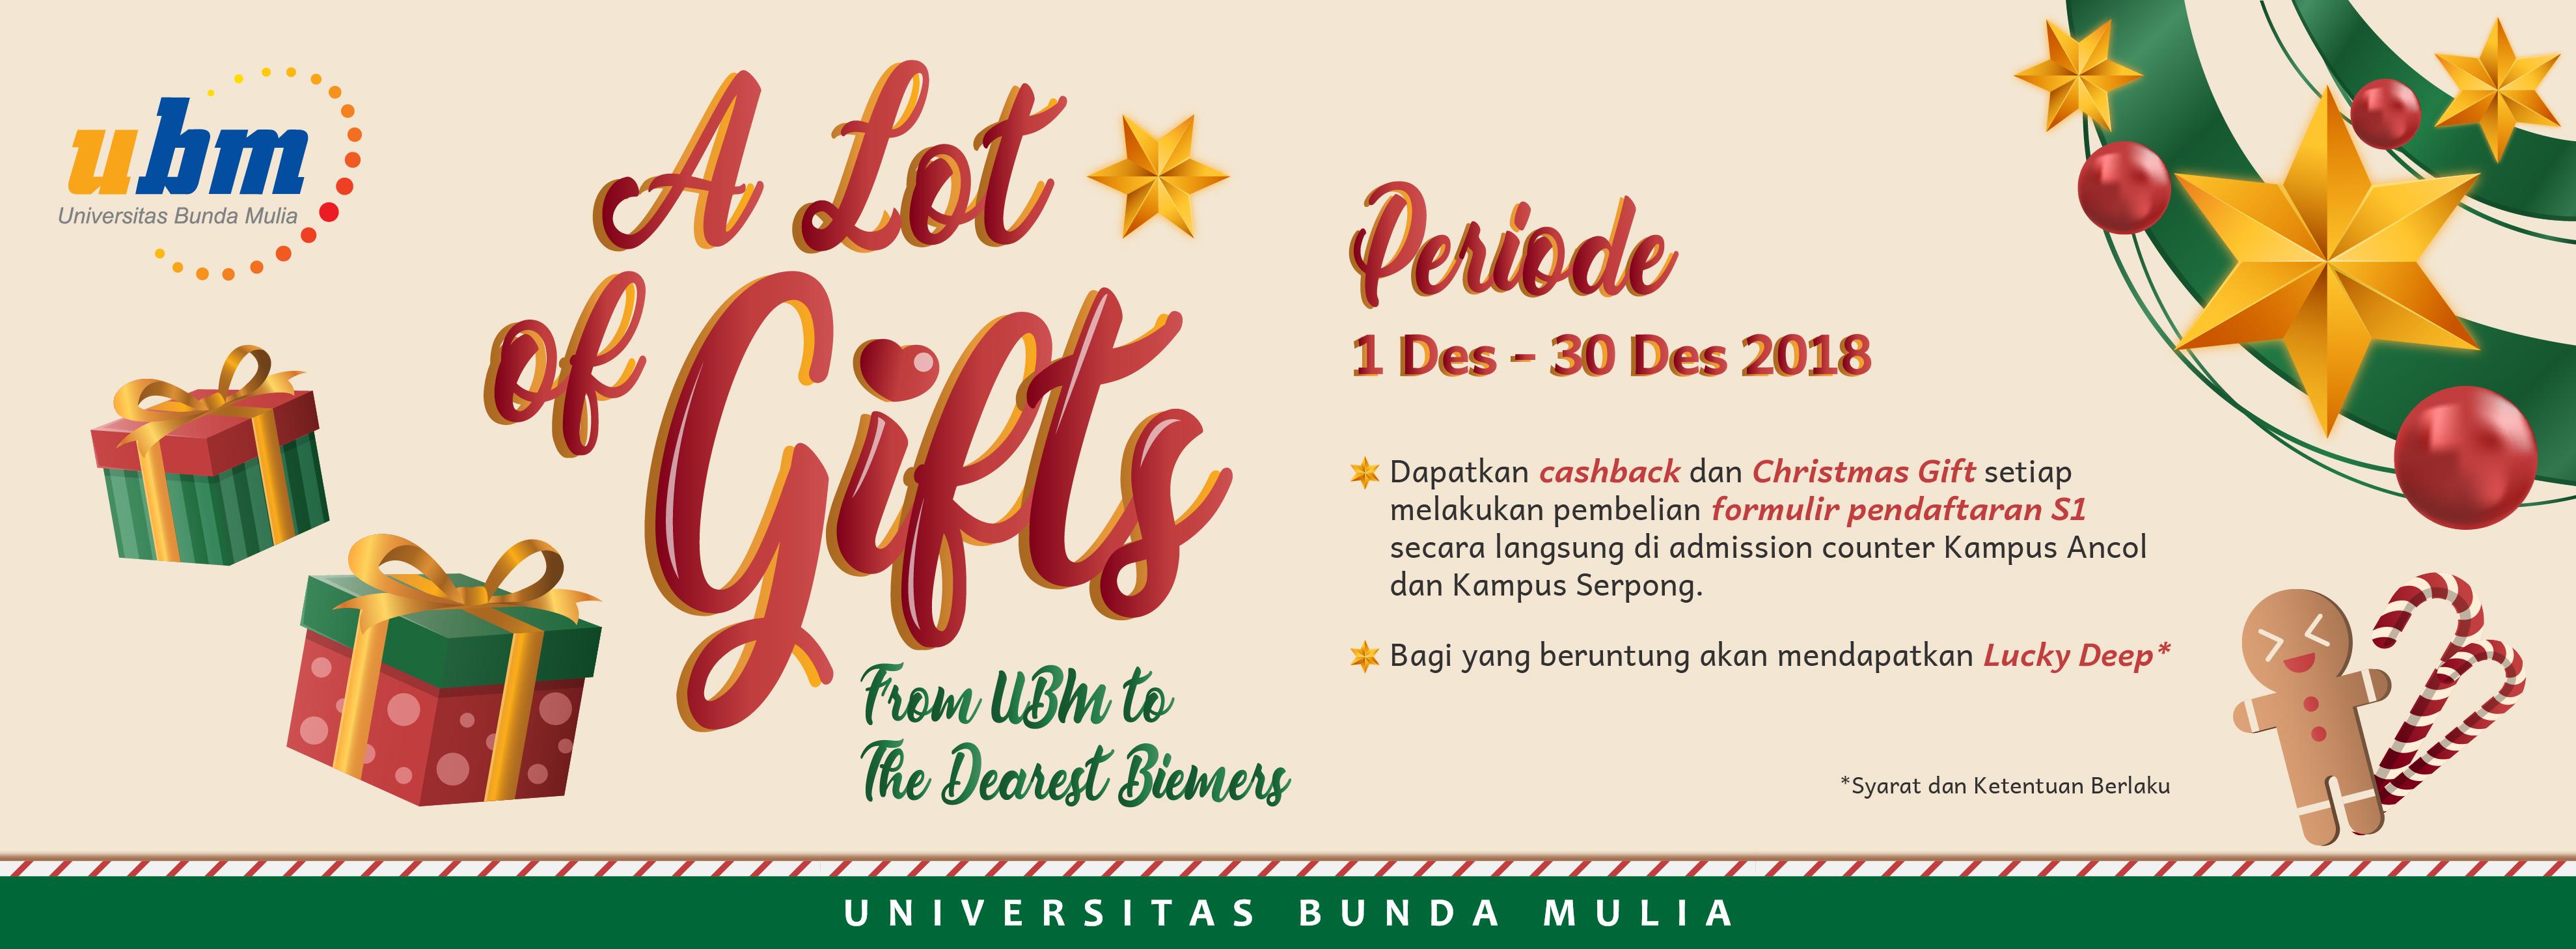 Web-Banner-Christmas-01